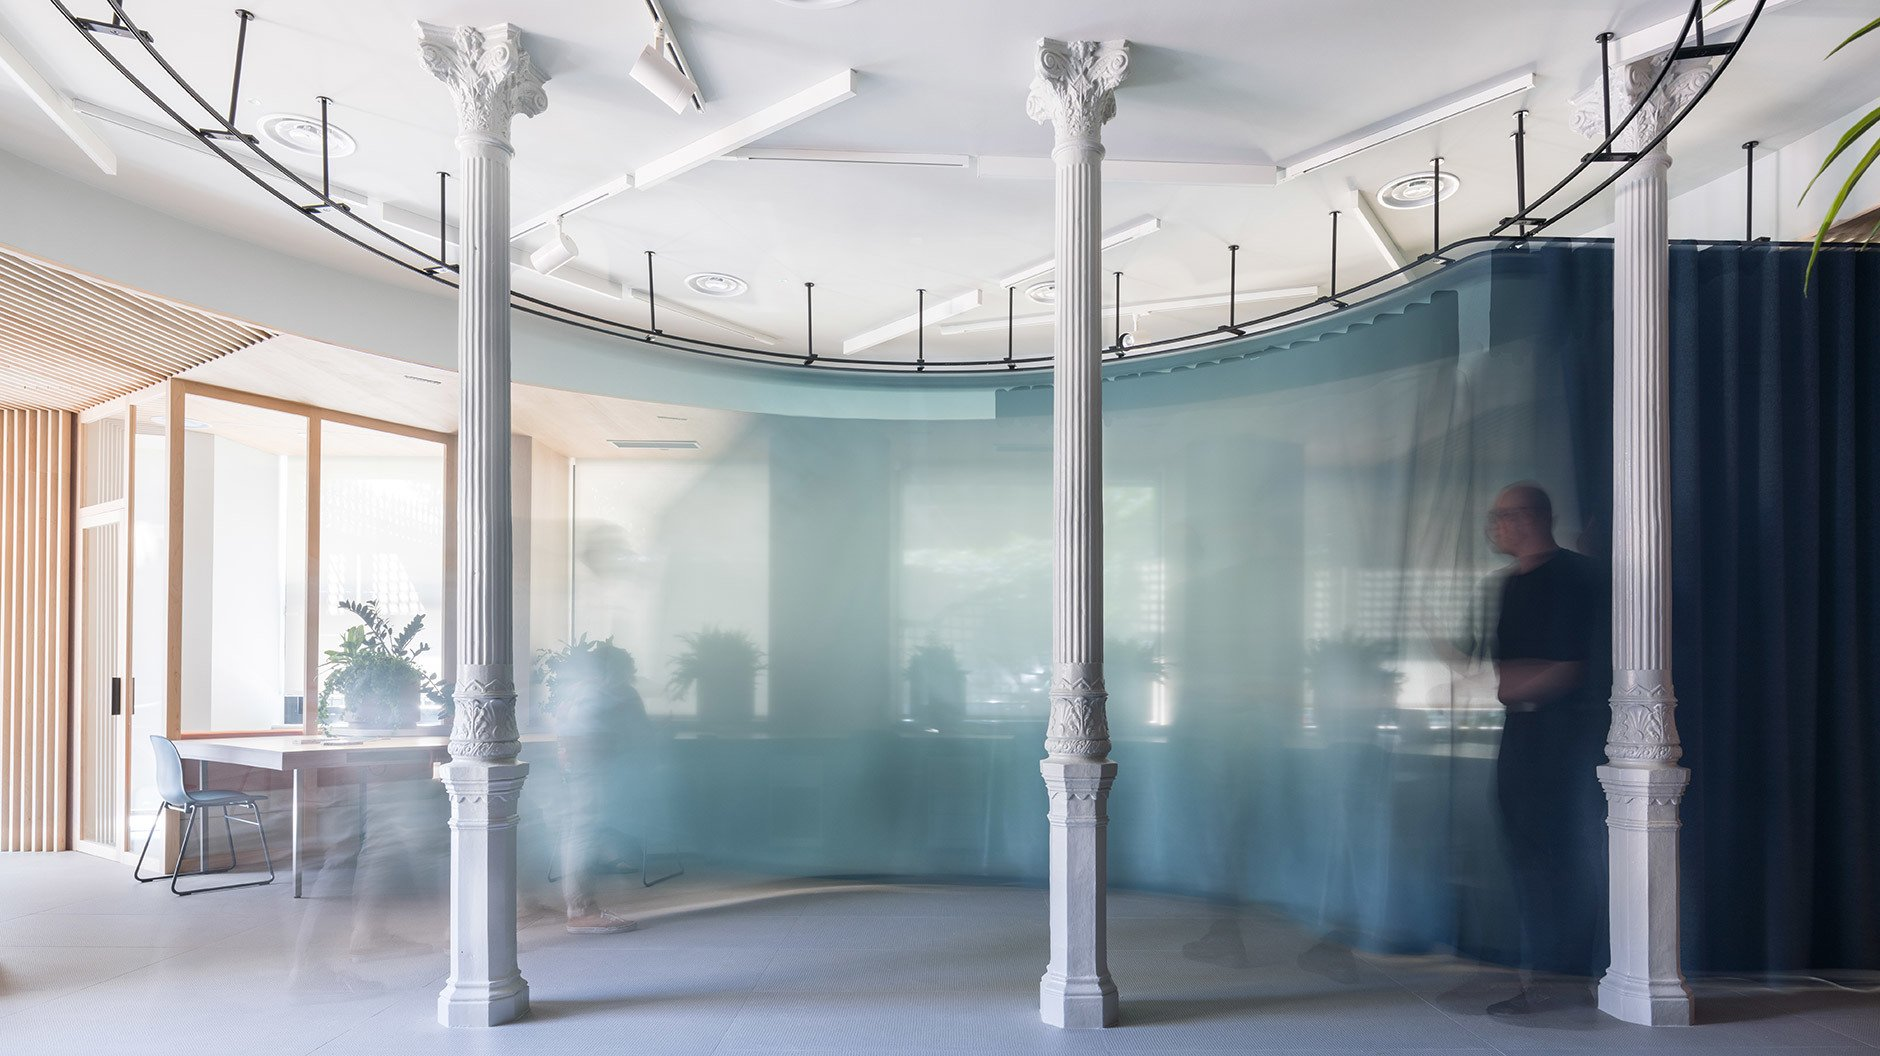 Xeito Investments wünschte sich von Enorme Studio einen multifunktionalen Raum, der sich mit der Zeit weiterentwickeln kann.